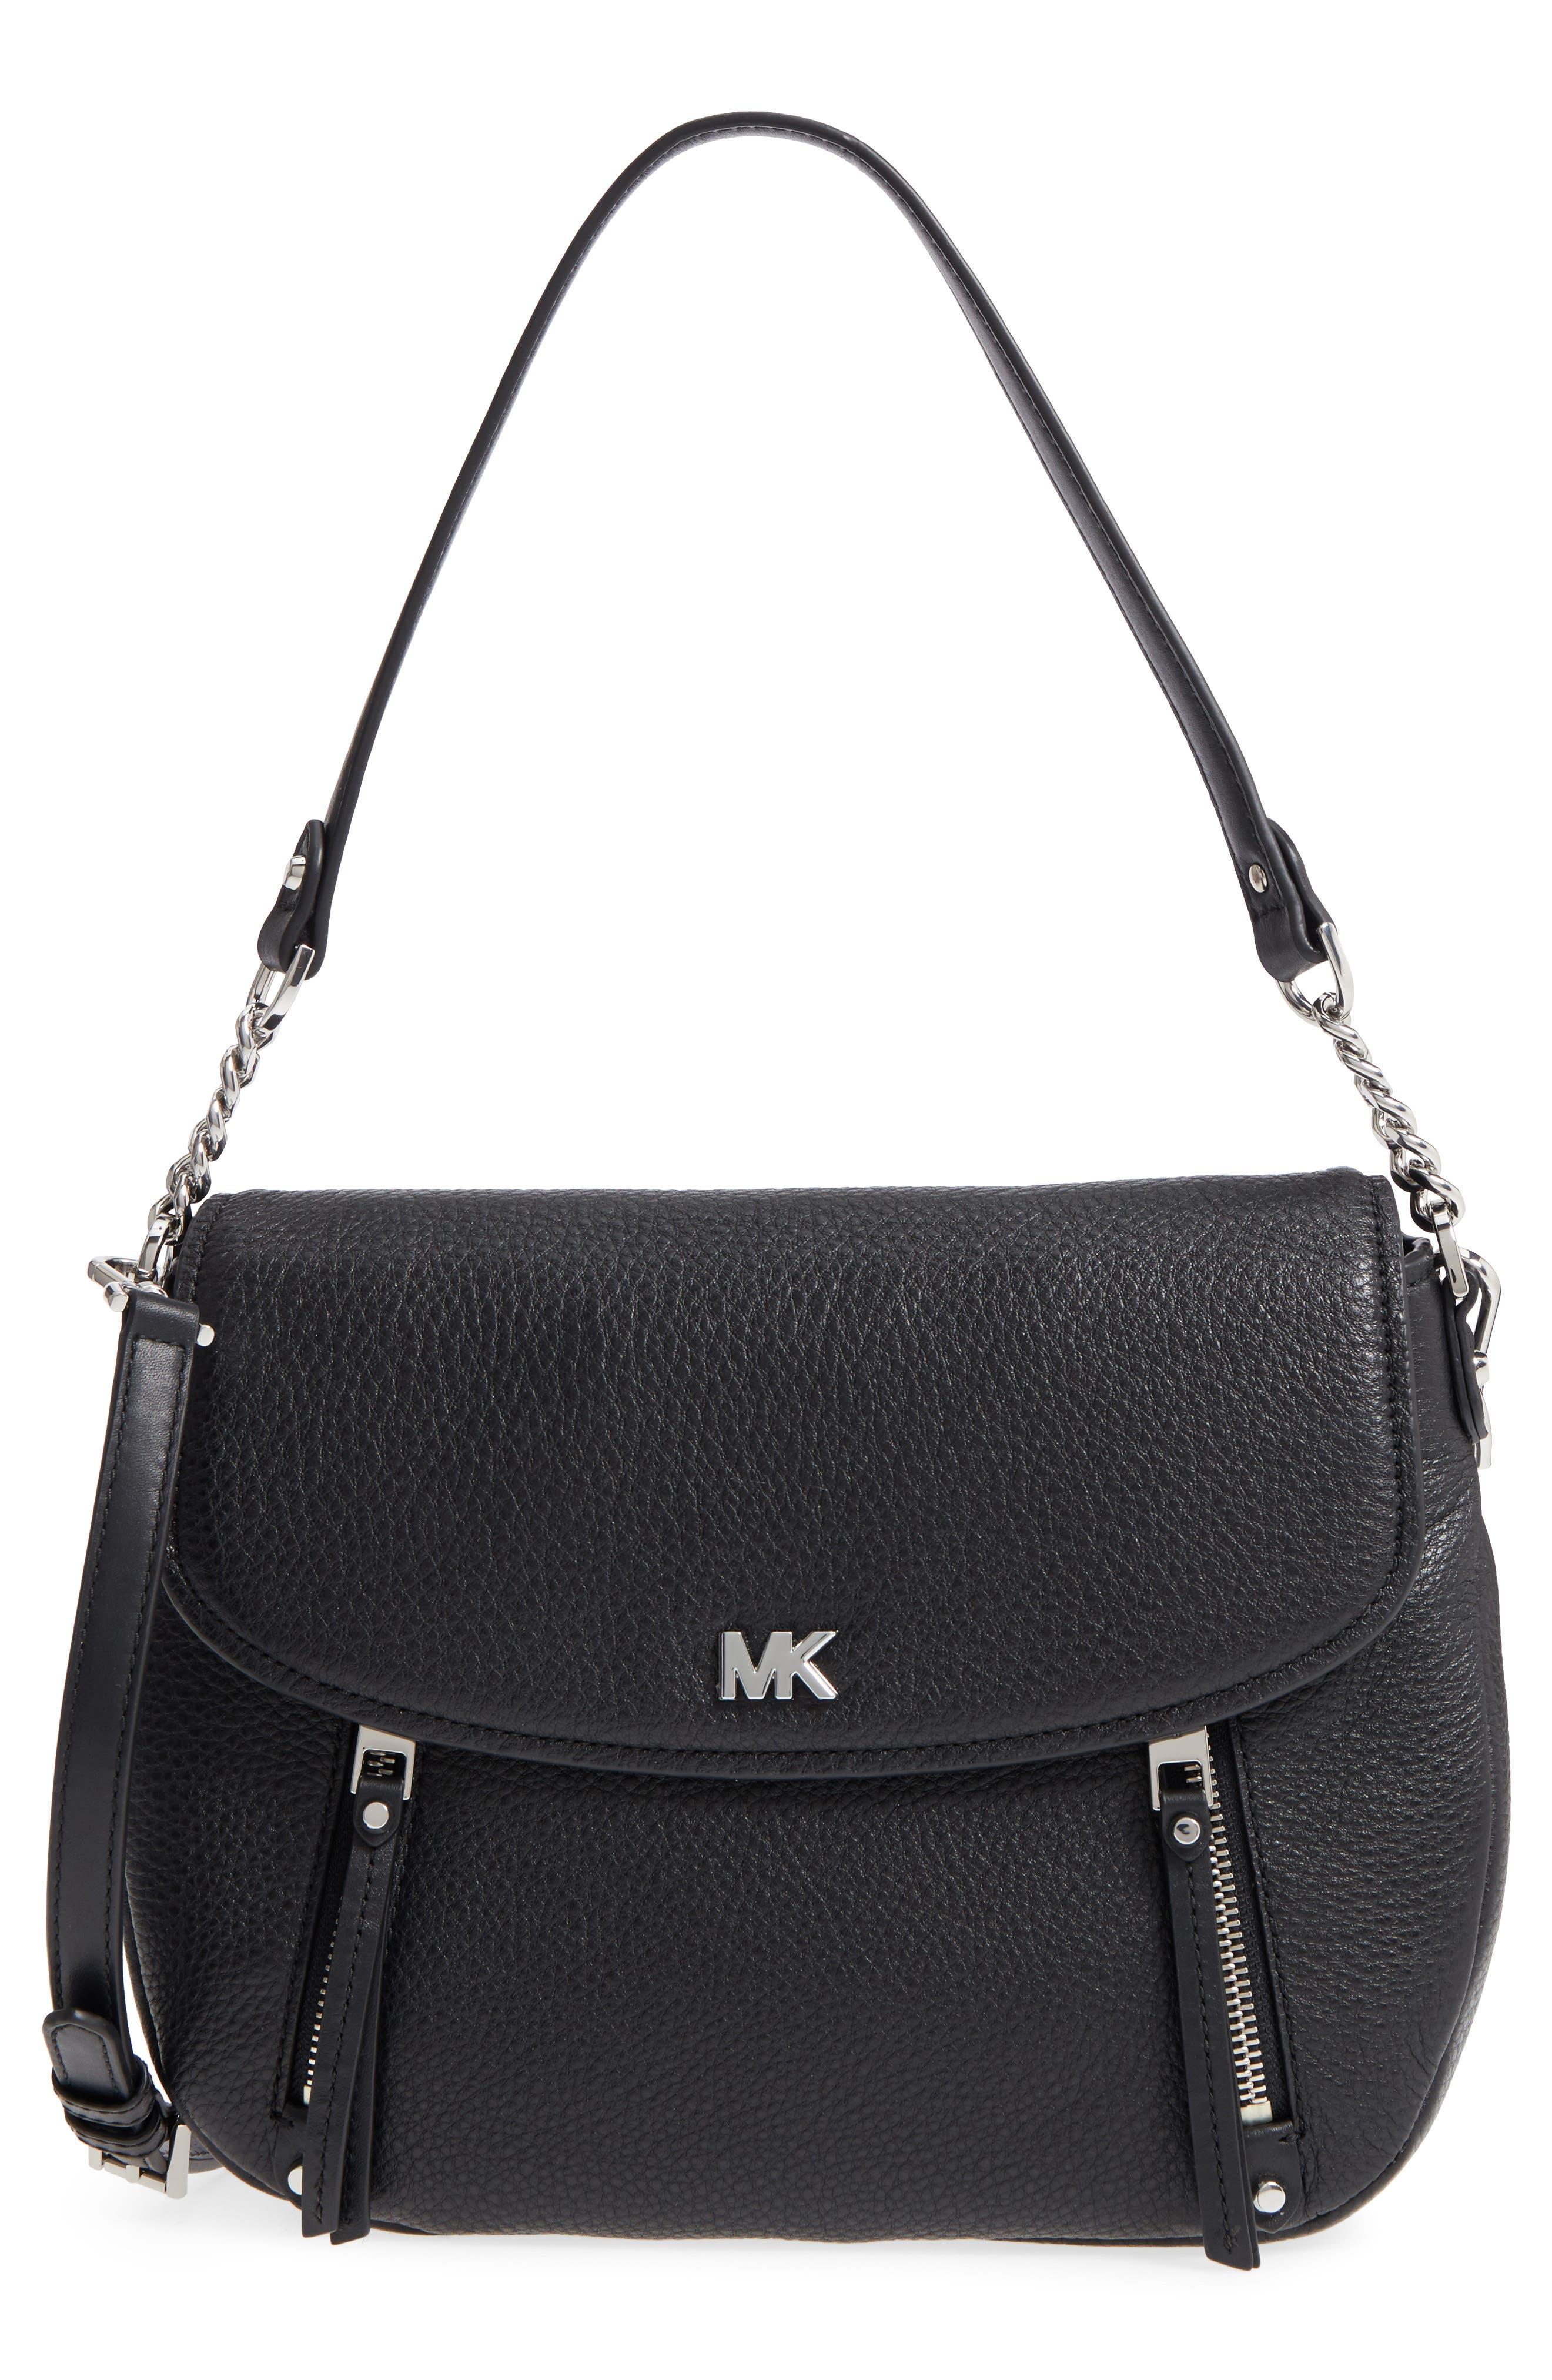 Medium Leather Shoulder Bag,                         Main,                         color, Black